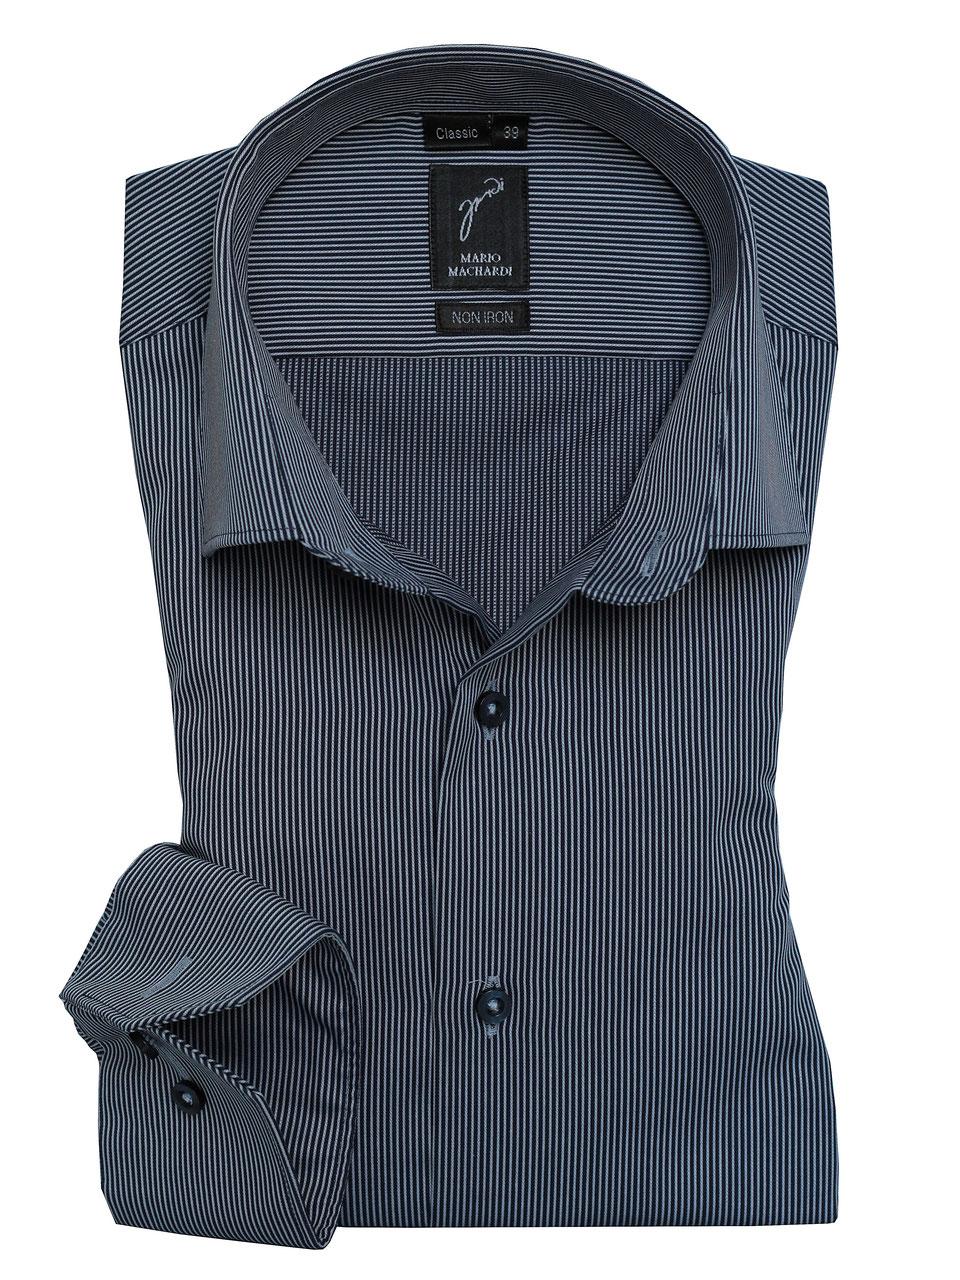 Mario Machardi рубашки NON IRON арт.- CL225